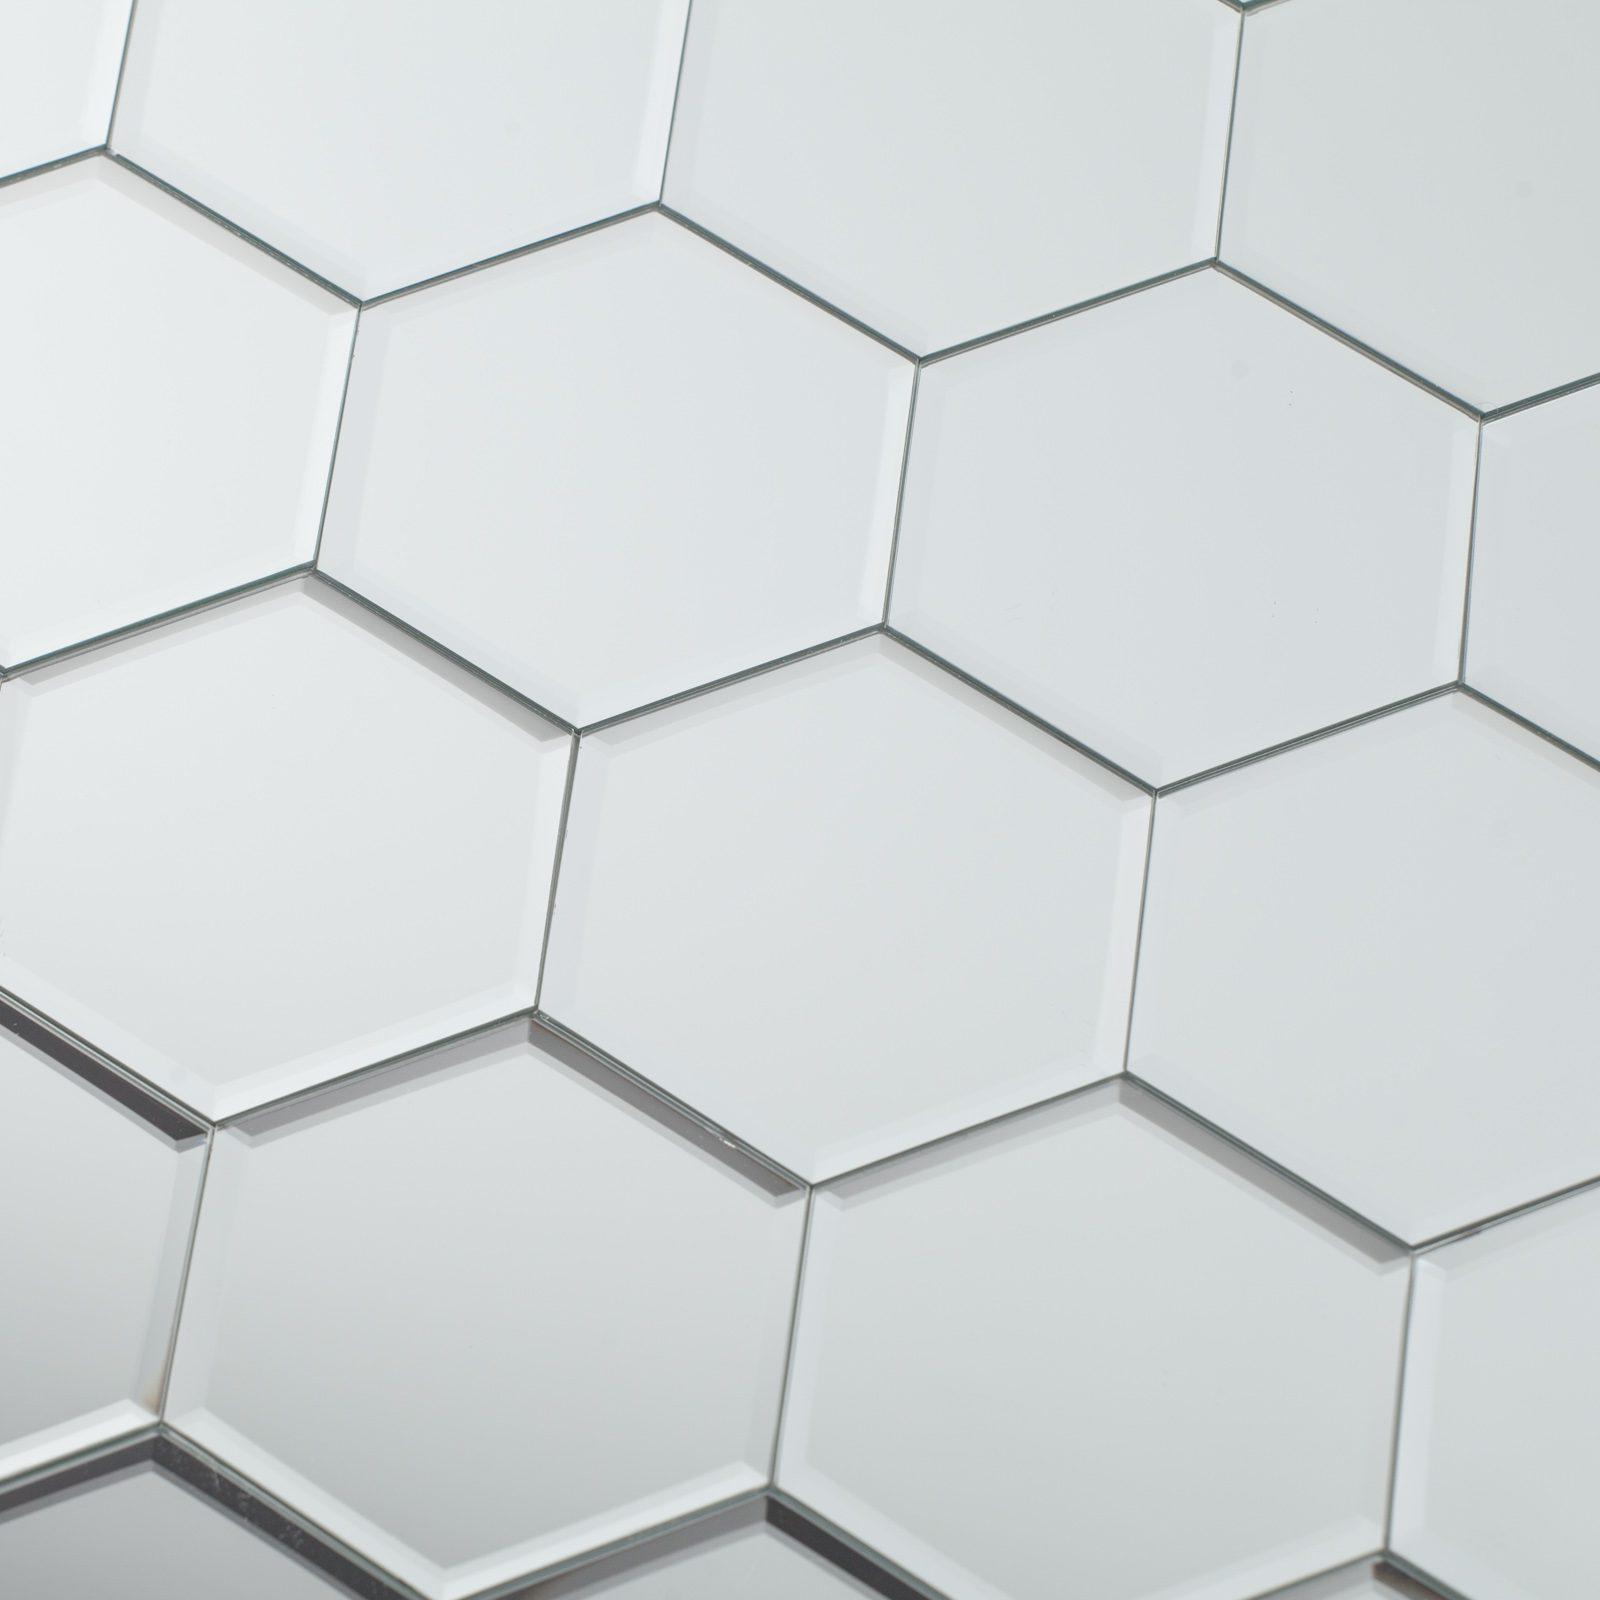 Hexagon Mirror Wall Tiles